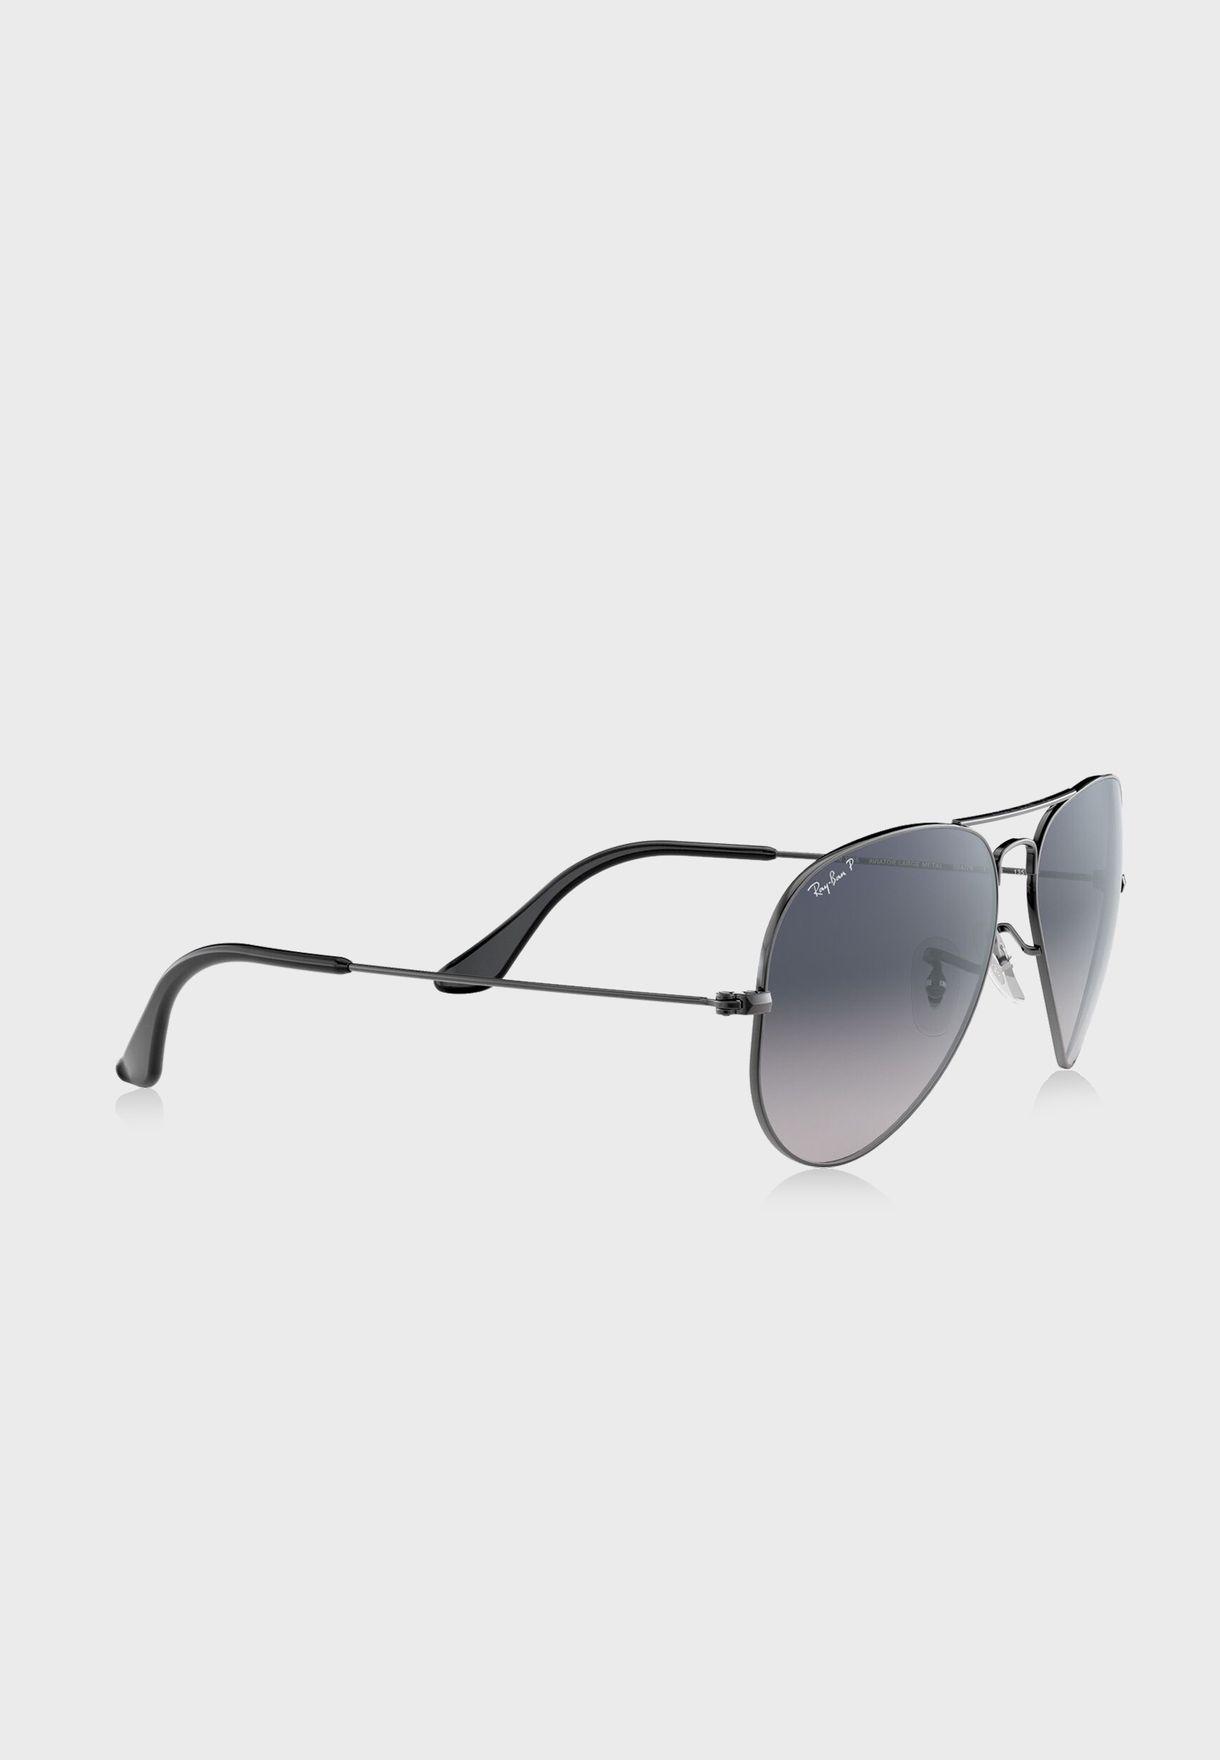 نظارة شمسية افيايتور بلون متدرج